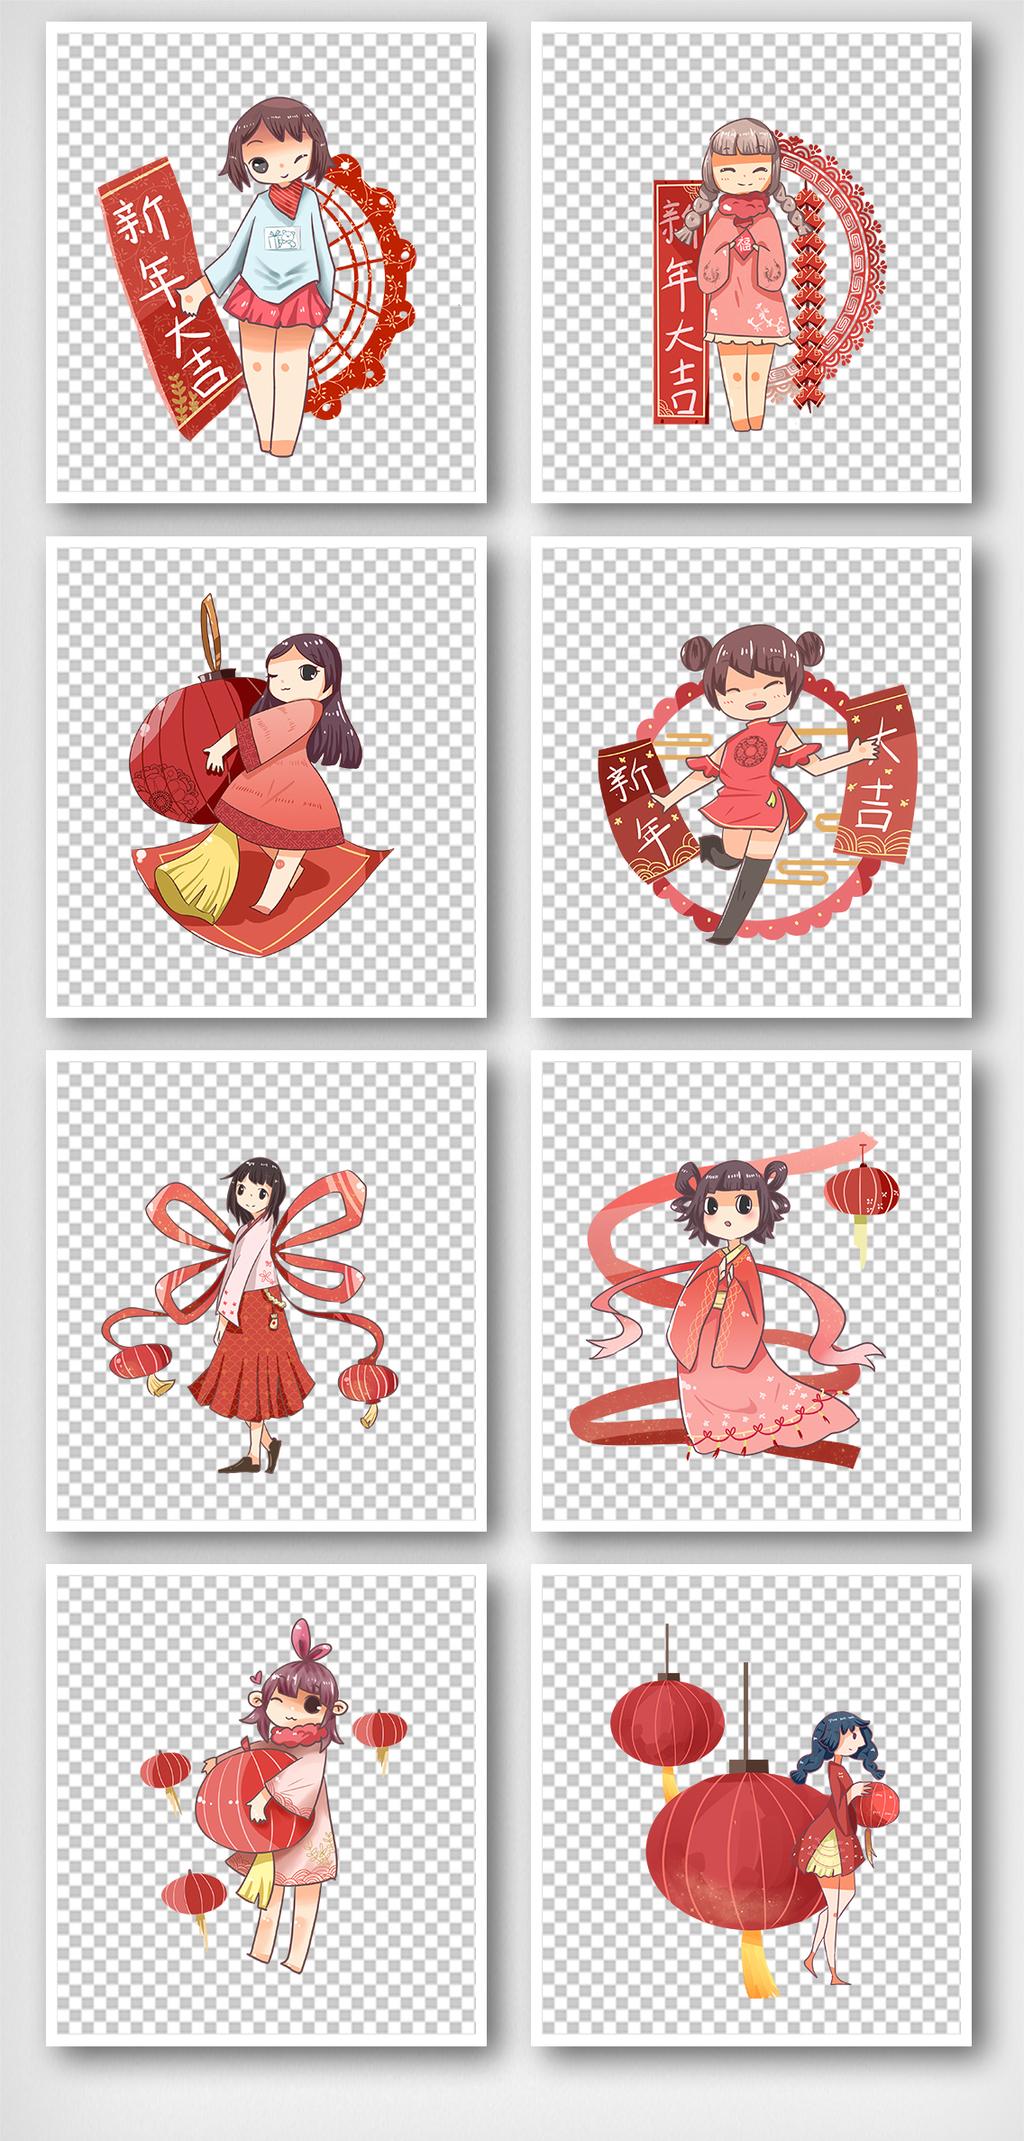 原创设计手绘创意新年蝴蝶结女孩免扣元素